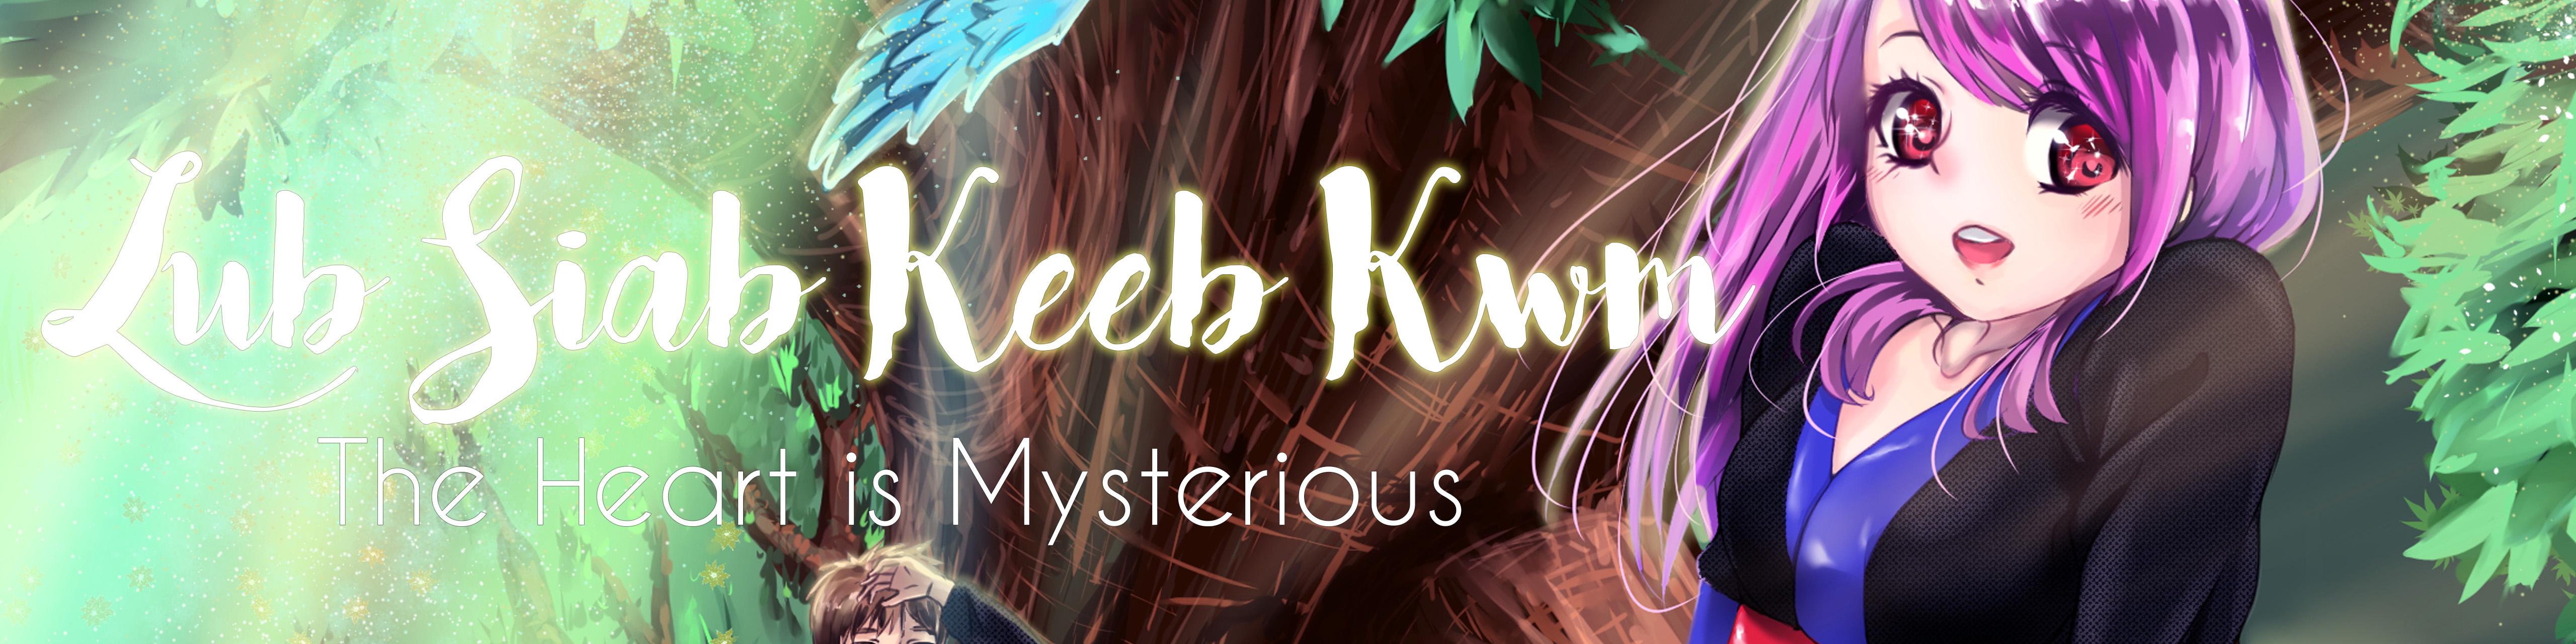 Lub Siab Keeb Kwm - The Heart is Mysterious